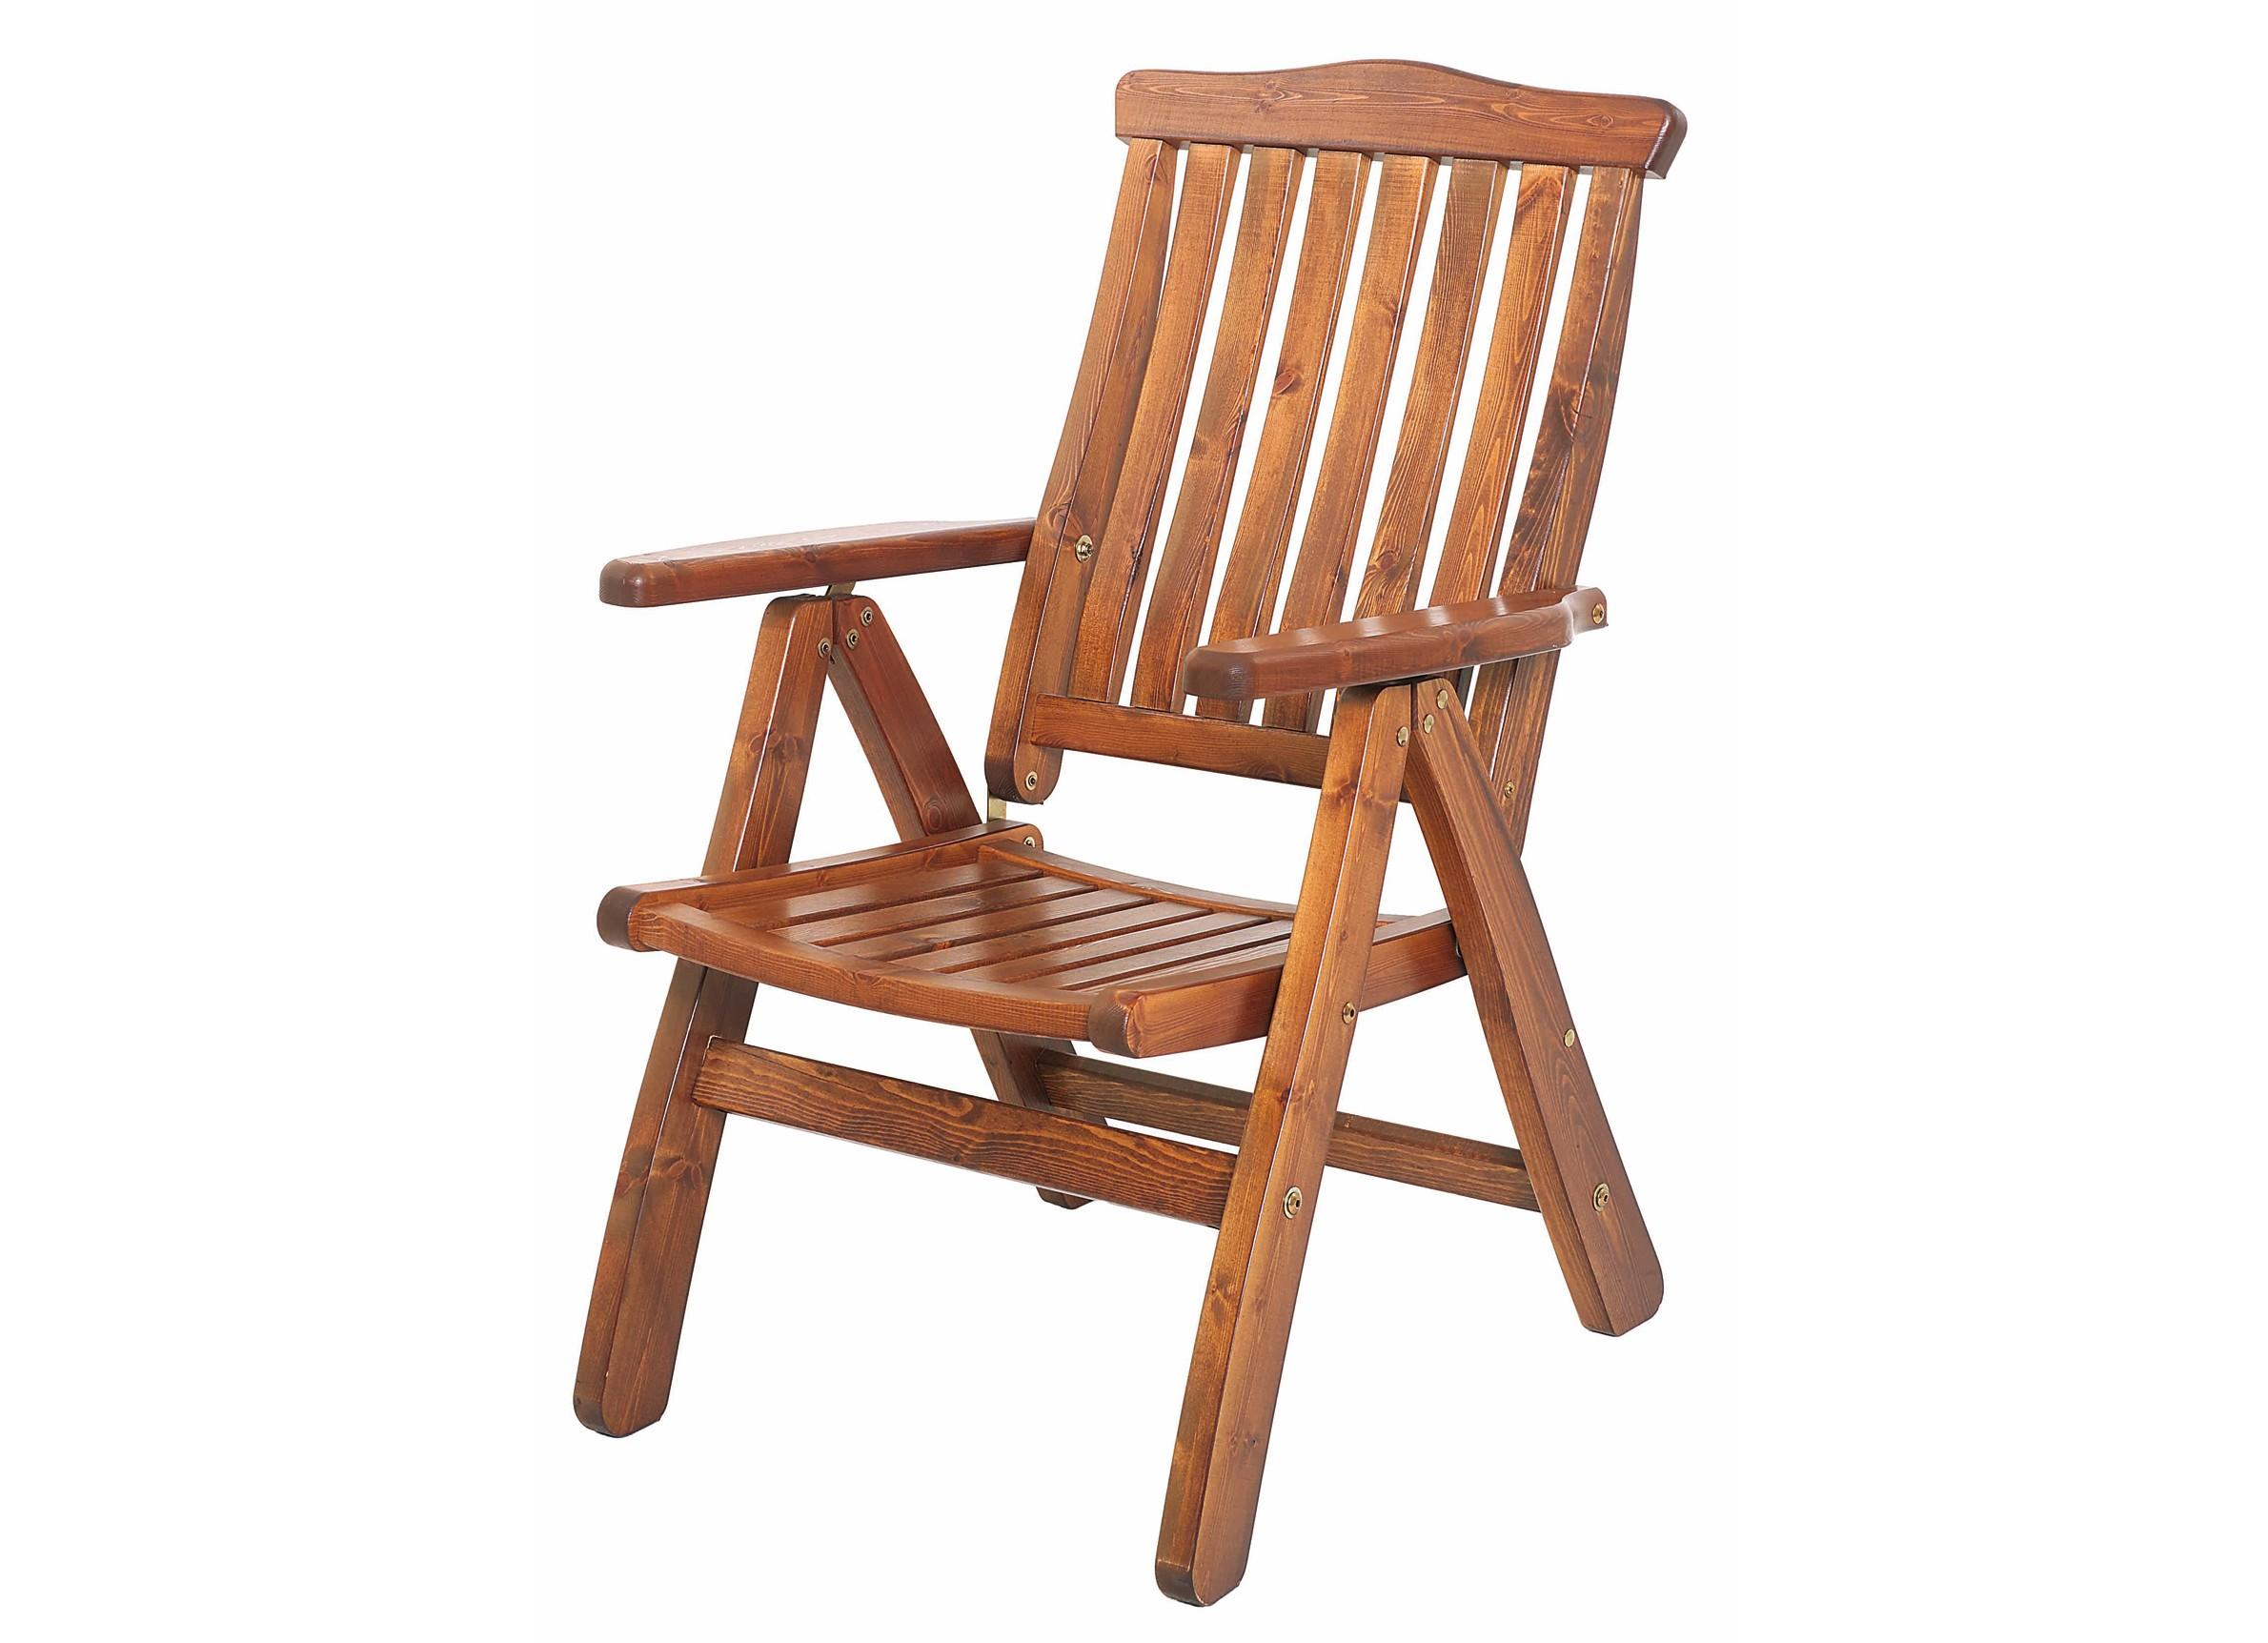 Кресло RosendalКресла для сада<br>Бестселлер фабрики KWA - кресло Rosendal. Оно выполнено из массива сосны цвета капучино. На кресле можно регулировать наклон спинки в семи положениях, а благодаря удобному складному механизму, Вы можете хранить его без ощутимых потерь свободного места в доме.&amp;amp;nbsp;<br><br>Material: Дерево<br>Ширина см: 67<br>Высота см: 104<br>Глубина см: 70